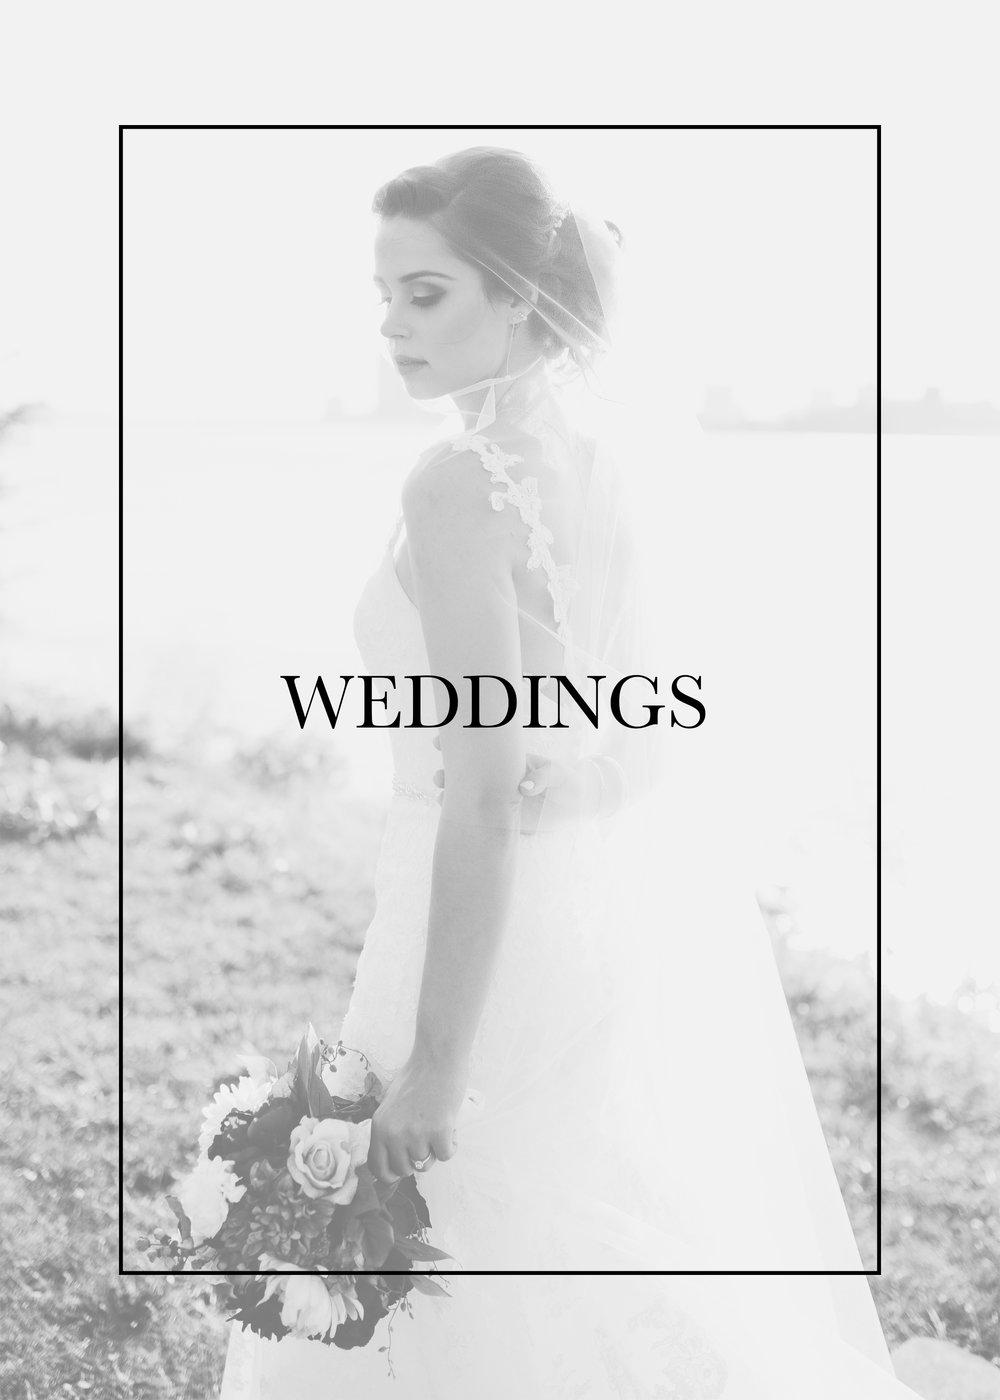 wedding button.jpg